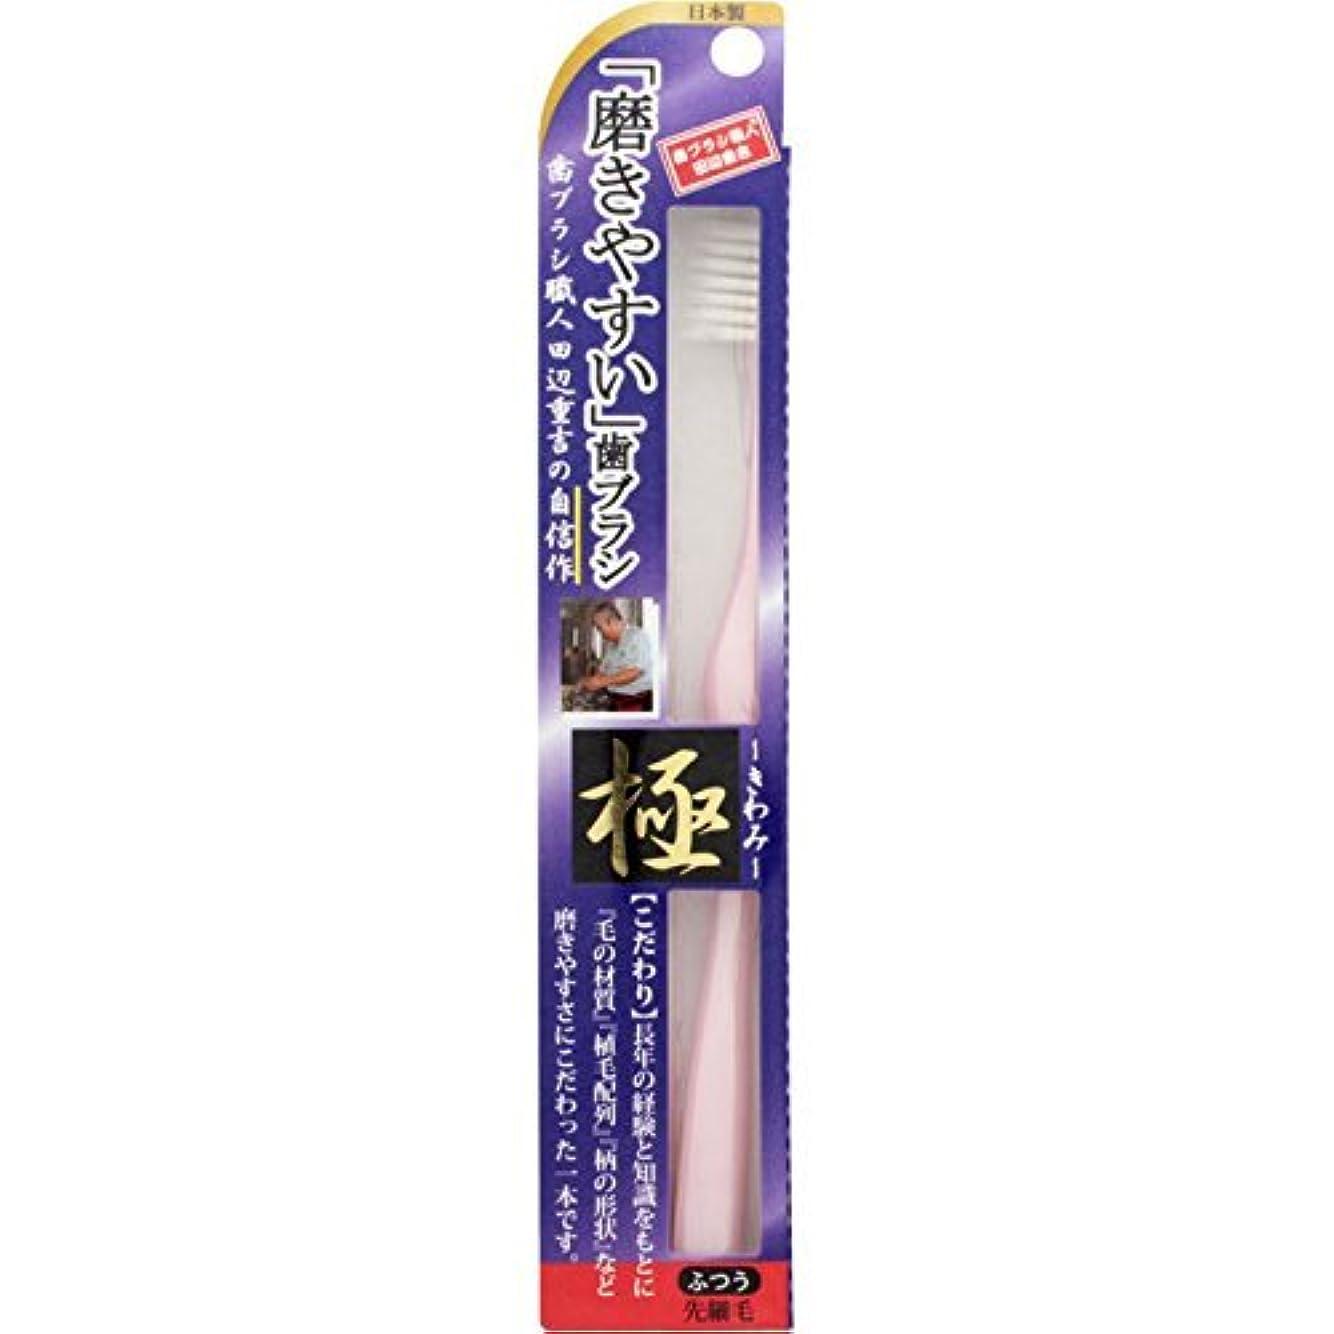 劇的ゴミ箱を空にする想起【まとめ買い】磨きやすい歯ブラシ 極 LT-22 ×24個